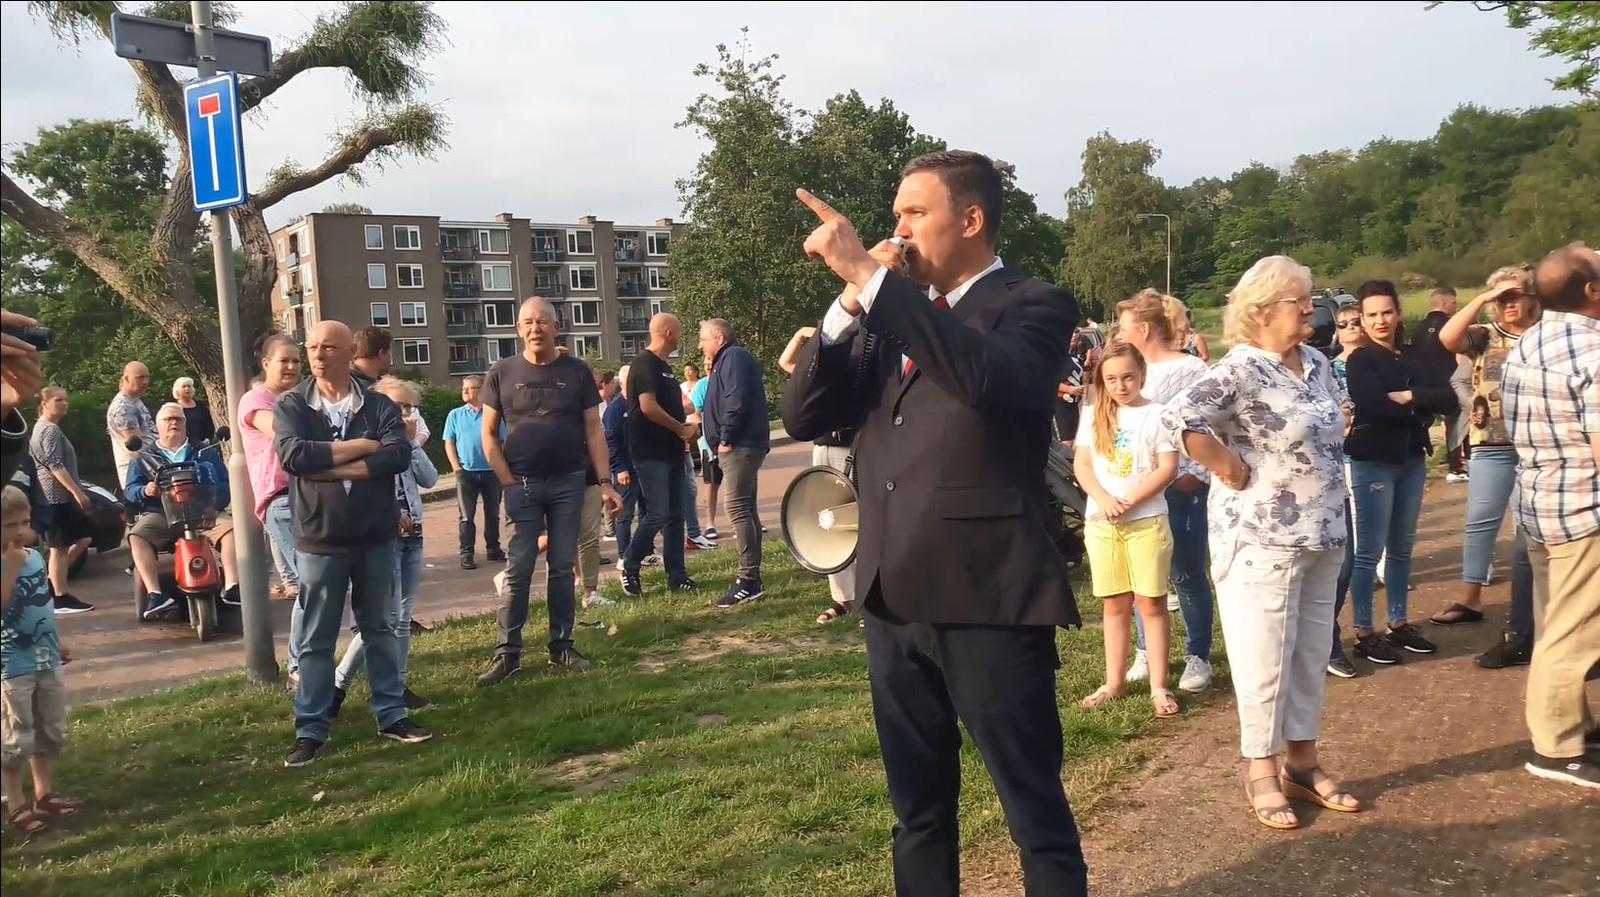 NVU-leider Constant Kusters bij een protest tegen de Paasbergflat.